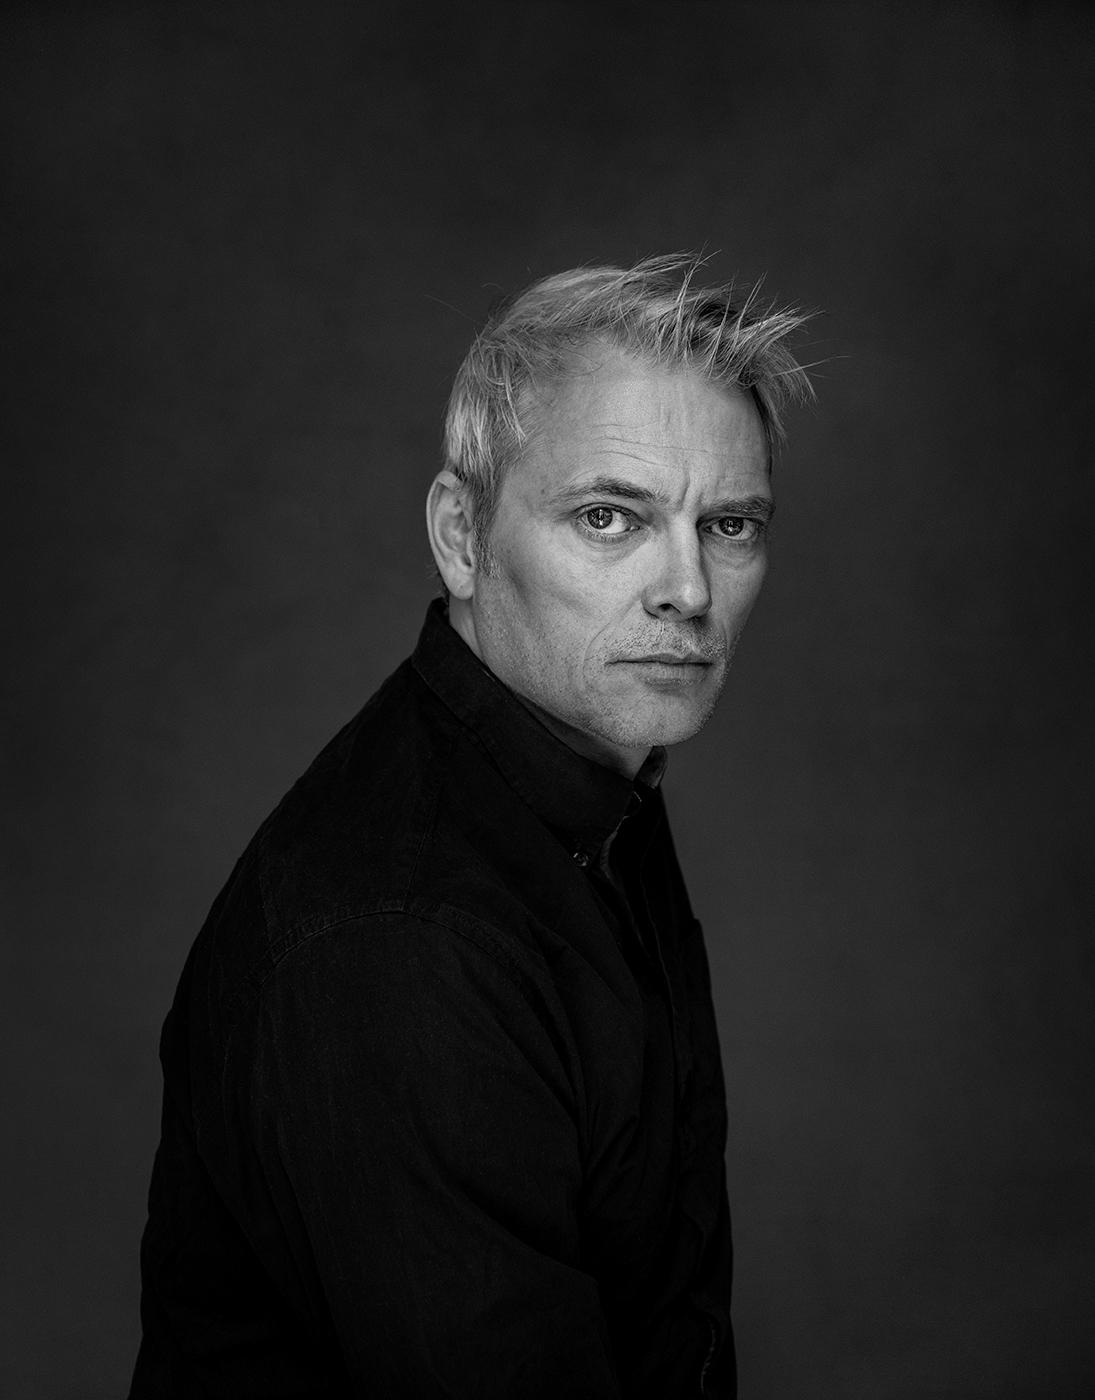 Susanne Middelberg, acteur, actor, portrait, portret, portraitphotography, portretfotografie, daglicht, daylight